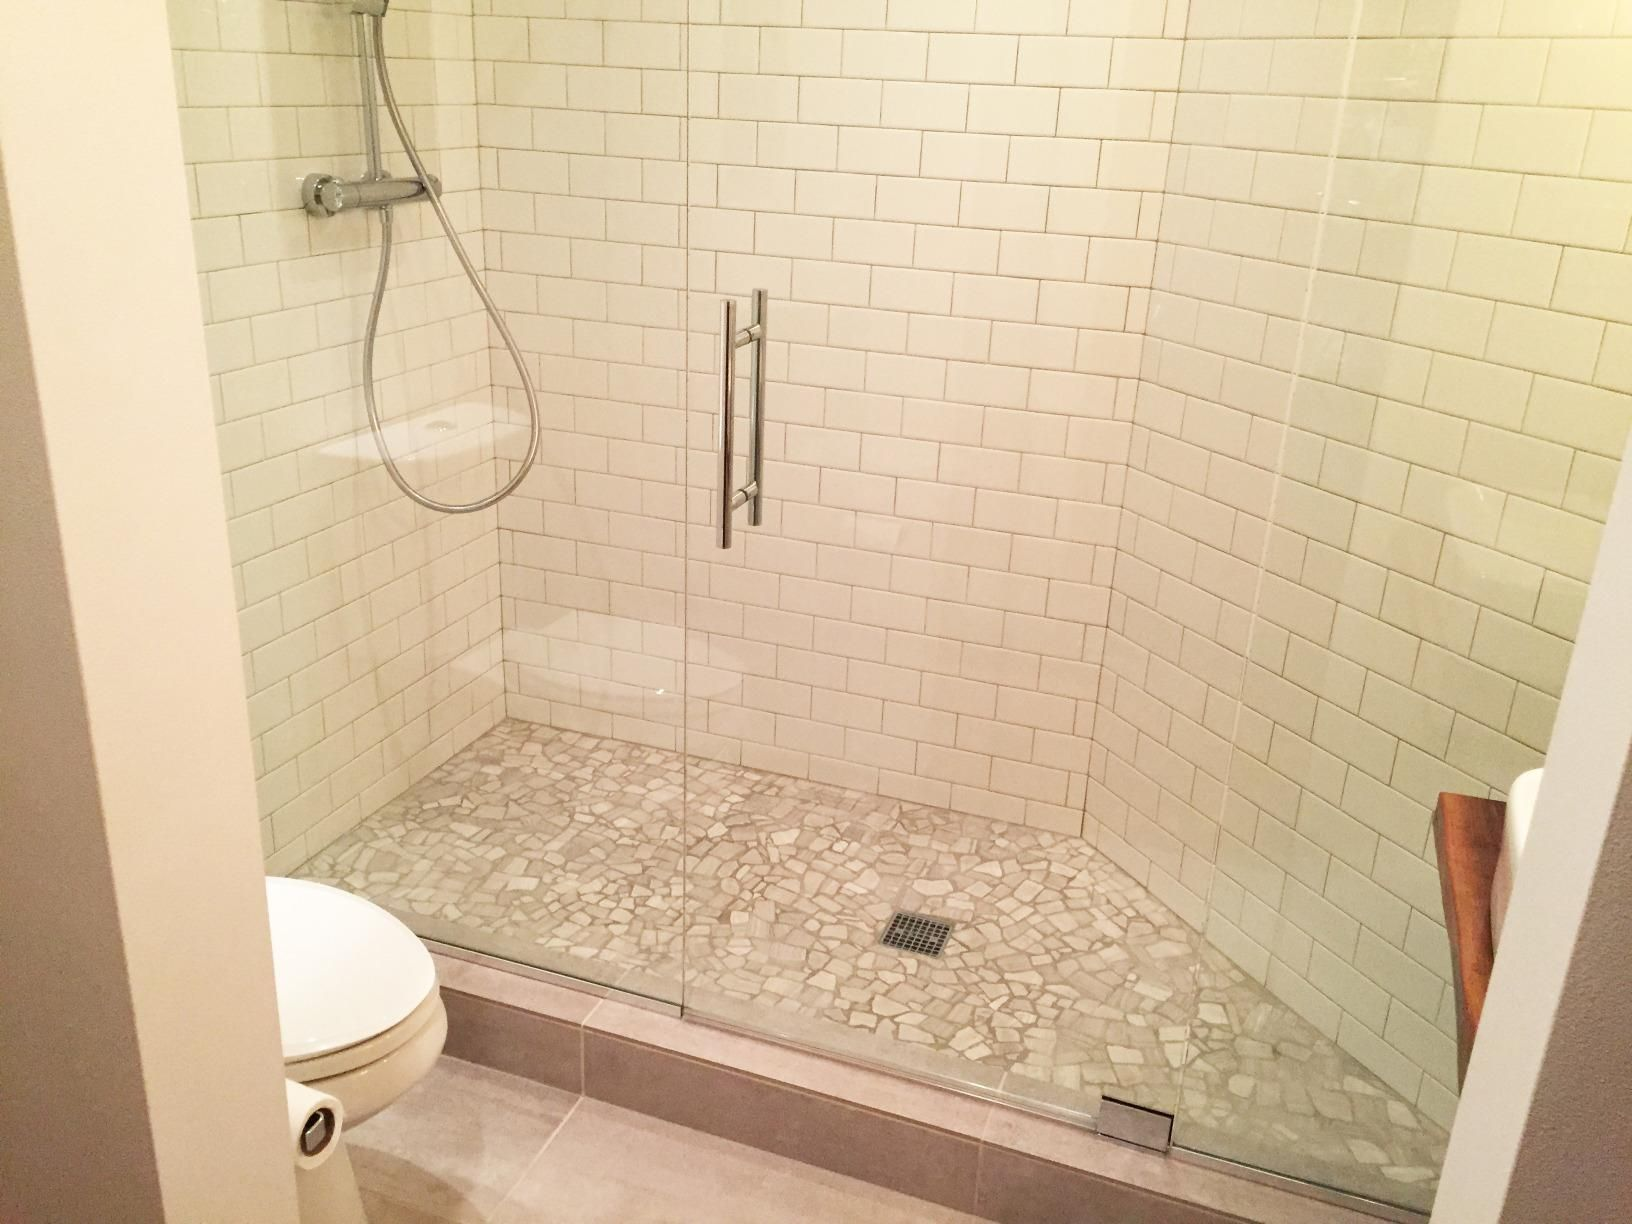 This Kohler K 9136 Cp Square Design Tile In Shower Drain Is Easy